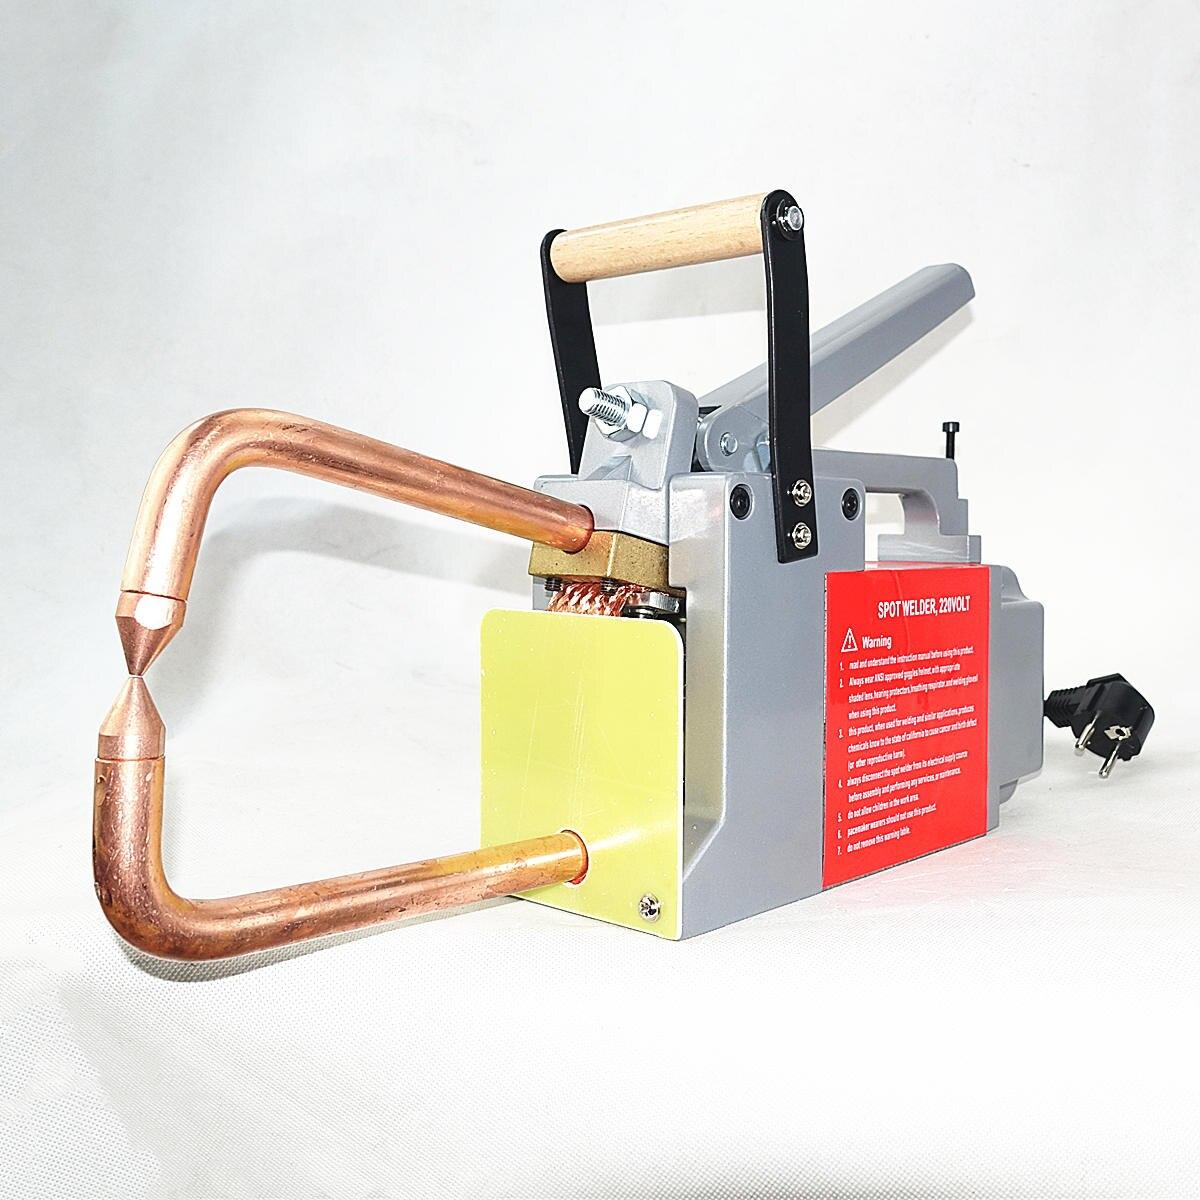 Machine de soudage par points de résistance 230 V/110 V épaisseur de soudage 1.5 + 1.5mm acier Plat CE soudeuse par points Portable